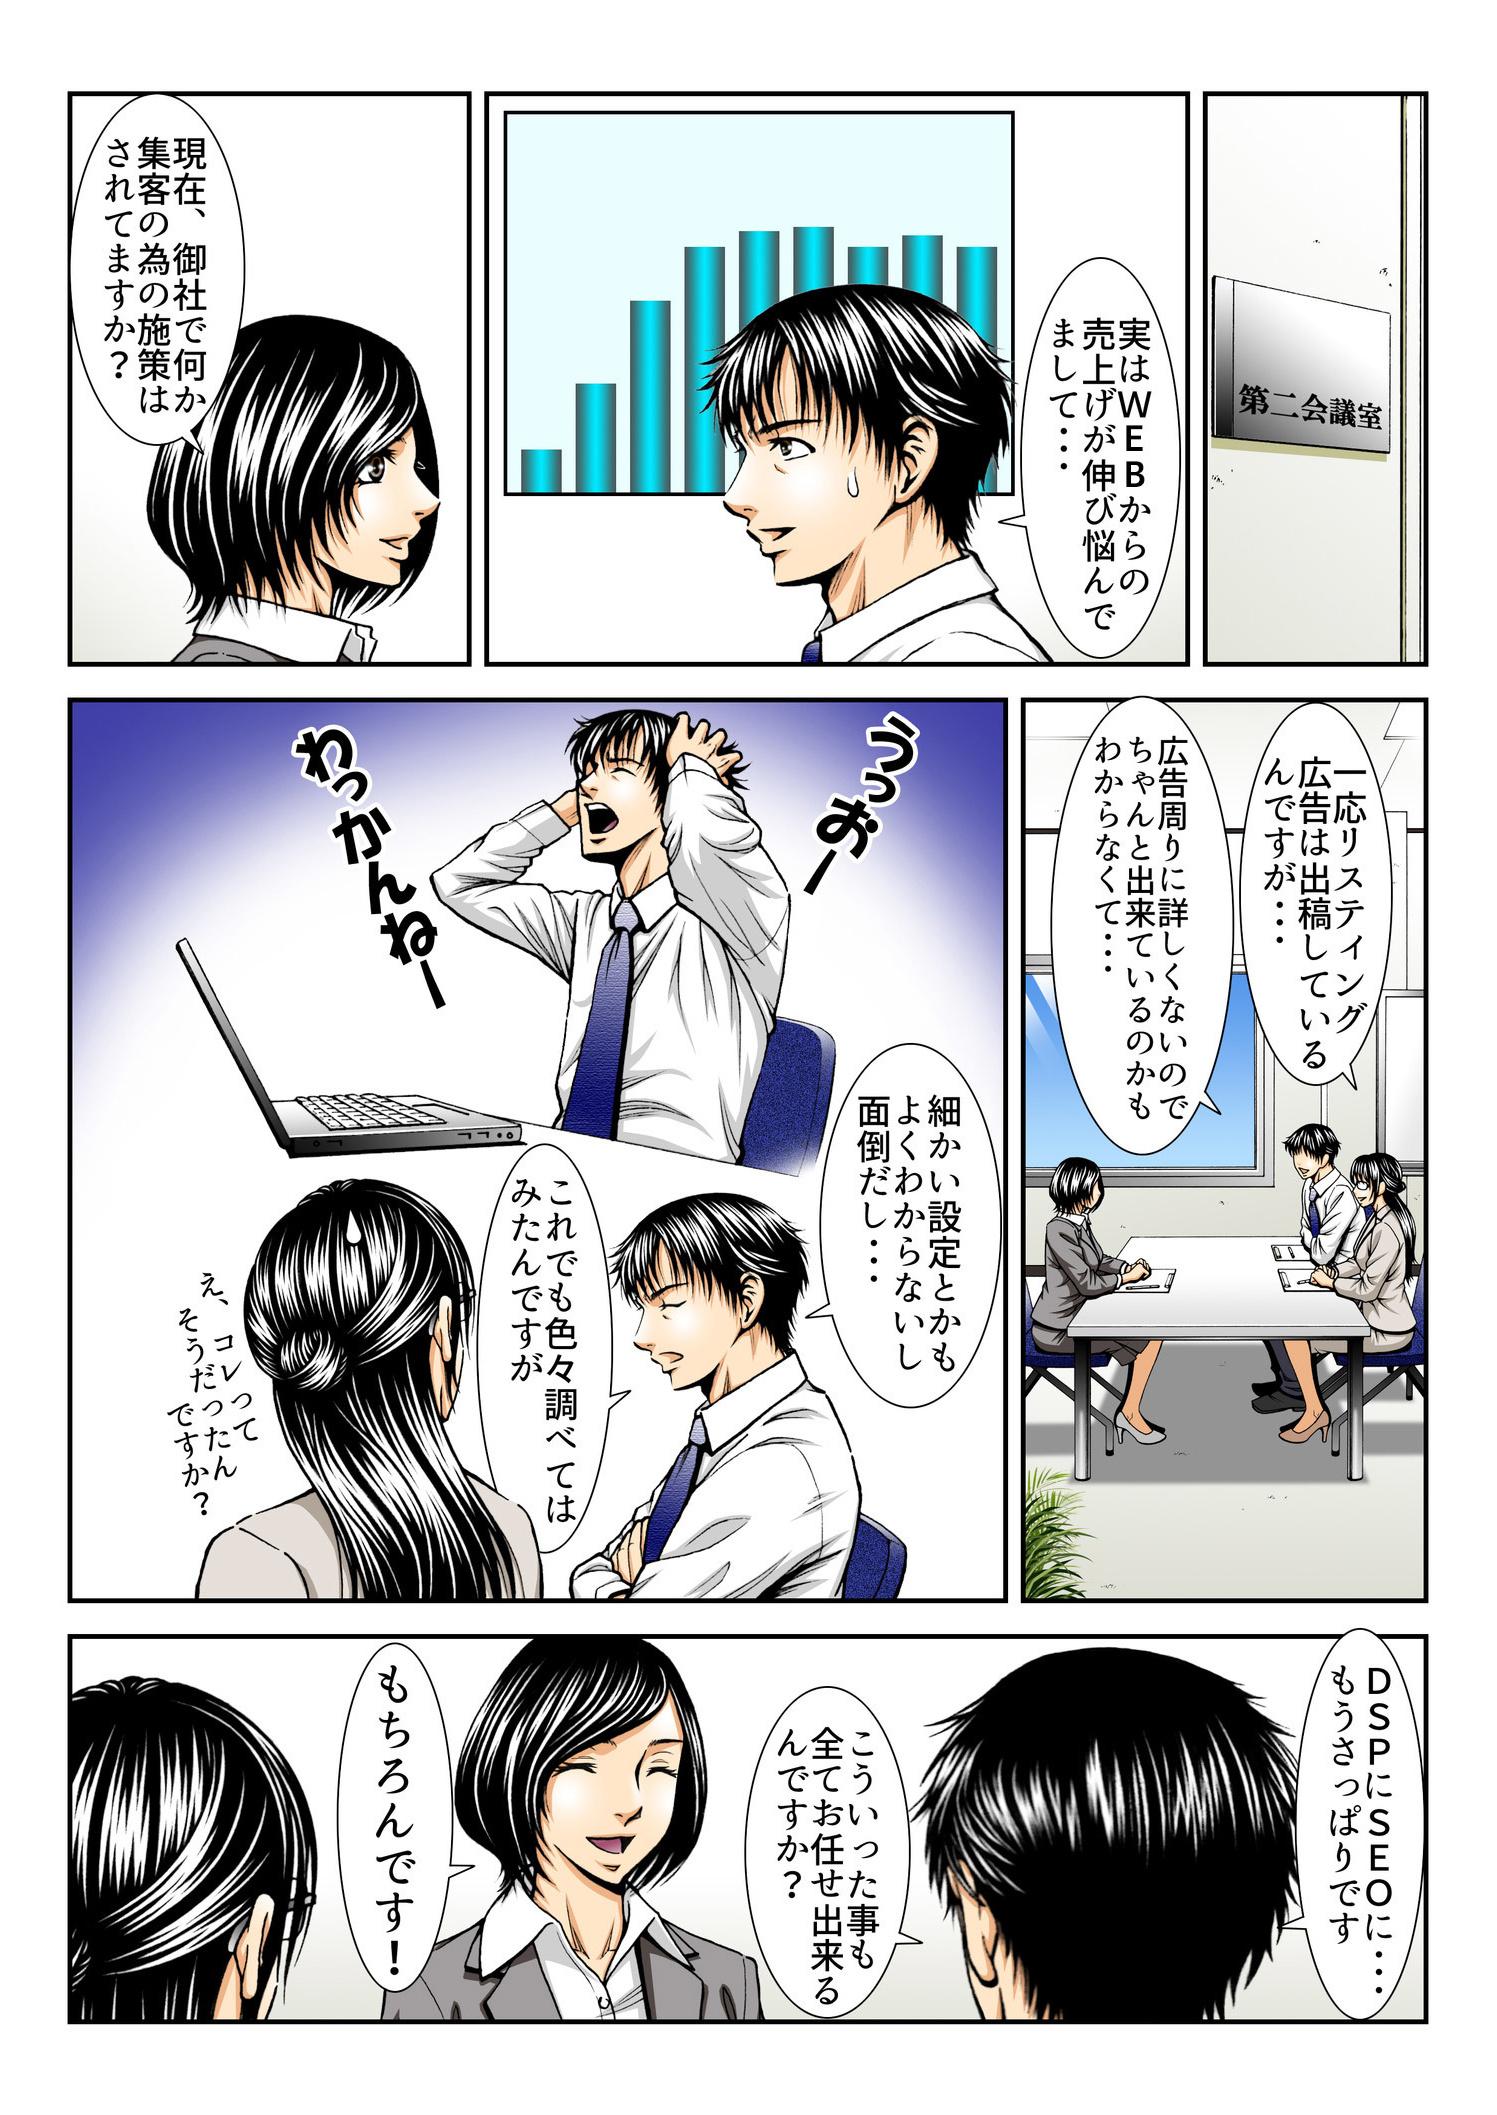 WEBプロモーション担当に、WEB経由の売上が伸び悩んでいると相談した斉藤さん。リスティング広告やDSP、SEOなど詳しい知識がなくても、NTTデータスマートソーシングなら全てを任せられそうだ。